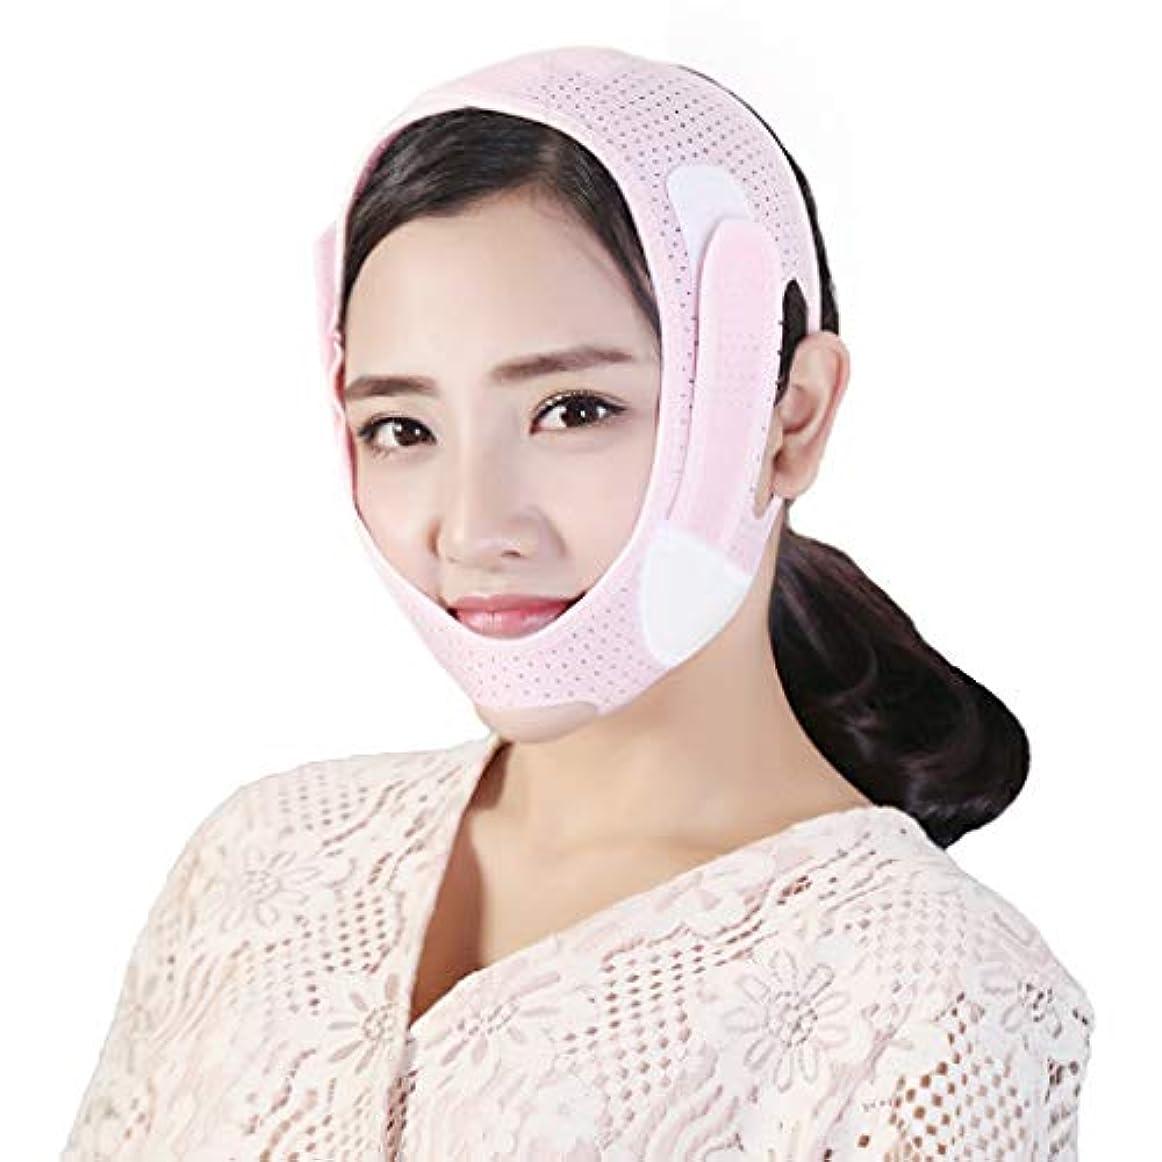 楽しい栄養パズル減量マスク薄い顔のマスクV顔の薄い顔の咬筋ダブル顎の包帯睡眠マスクの通気性